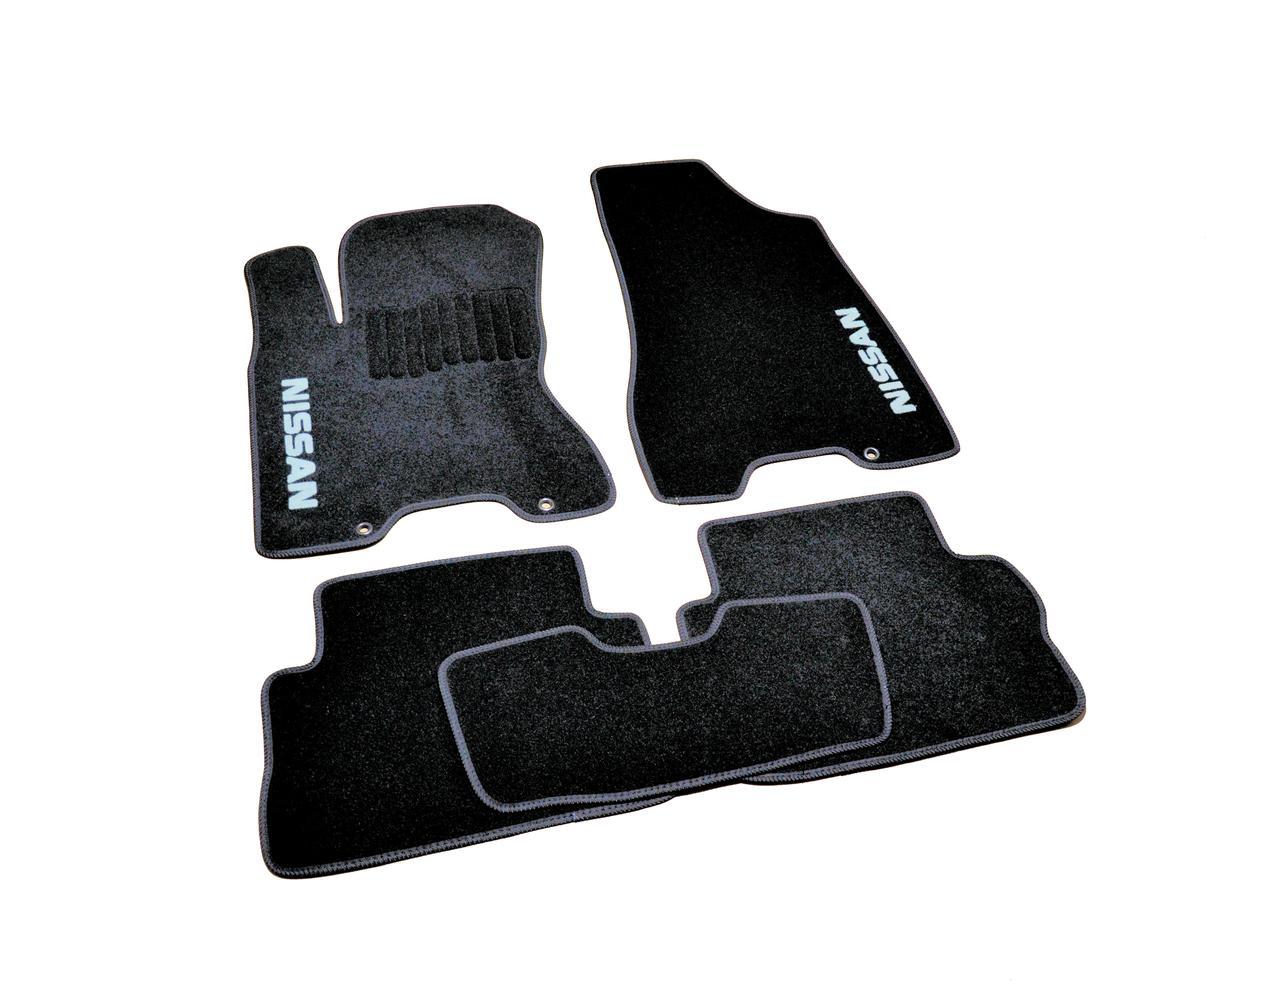 Коврики в салон ворсовые AVTM для Nissan X-Trail T31 (2007-2014) /Чёрные, кт. 5шт BLCCR1433